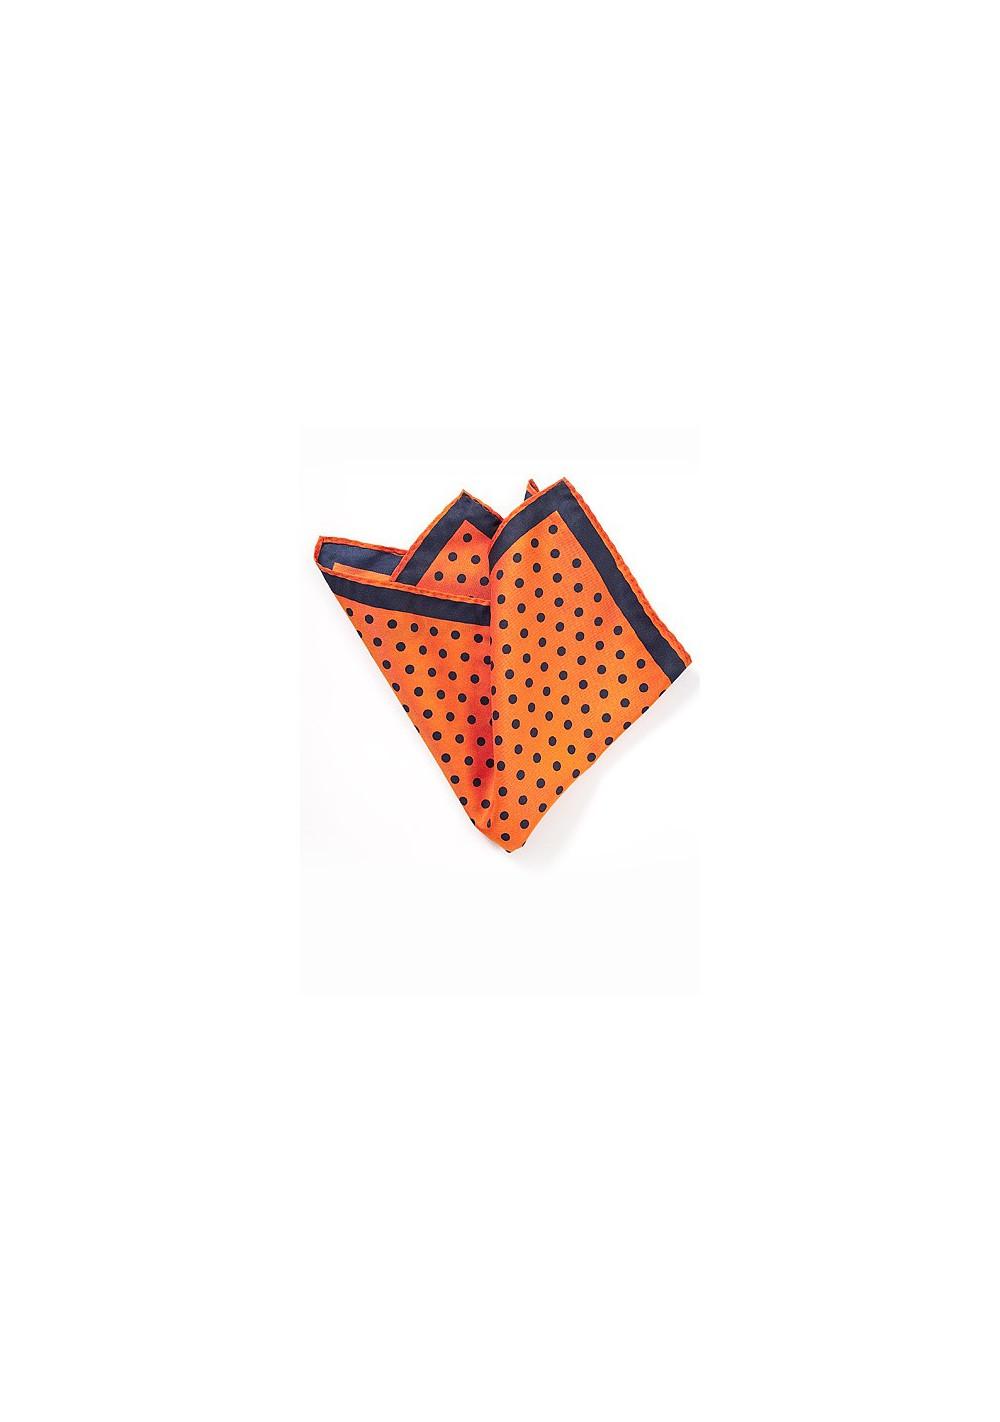 Bright Orange Polka Dot Pocket Square